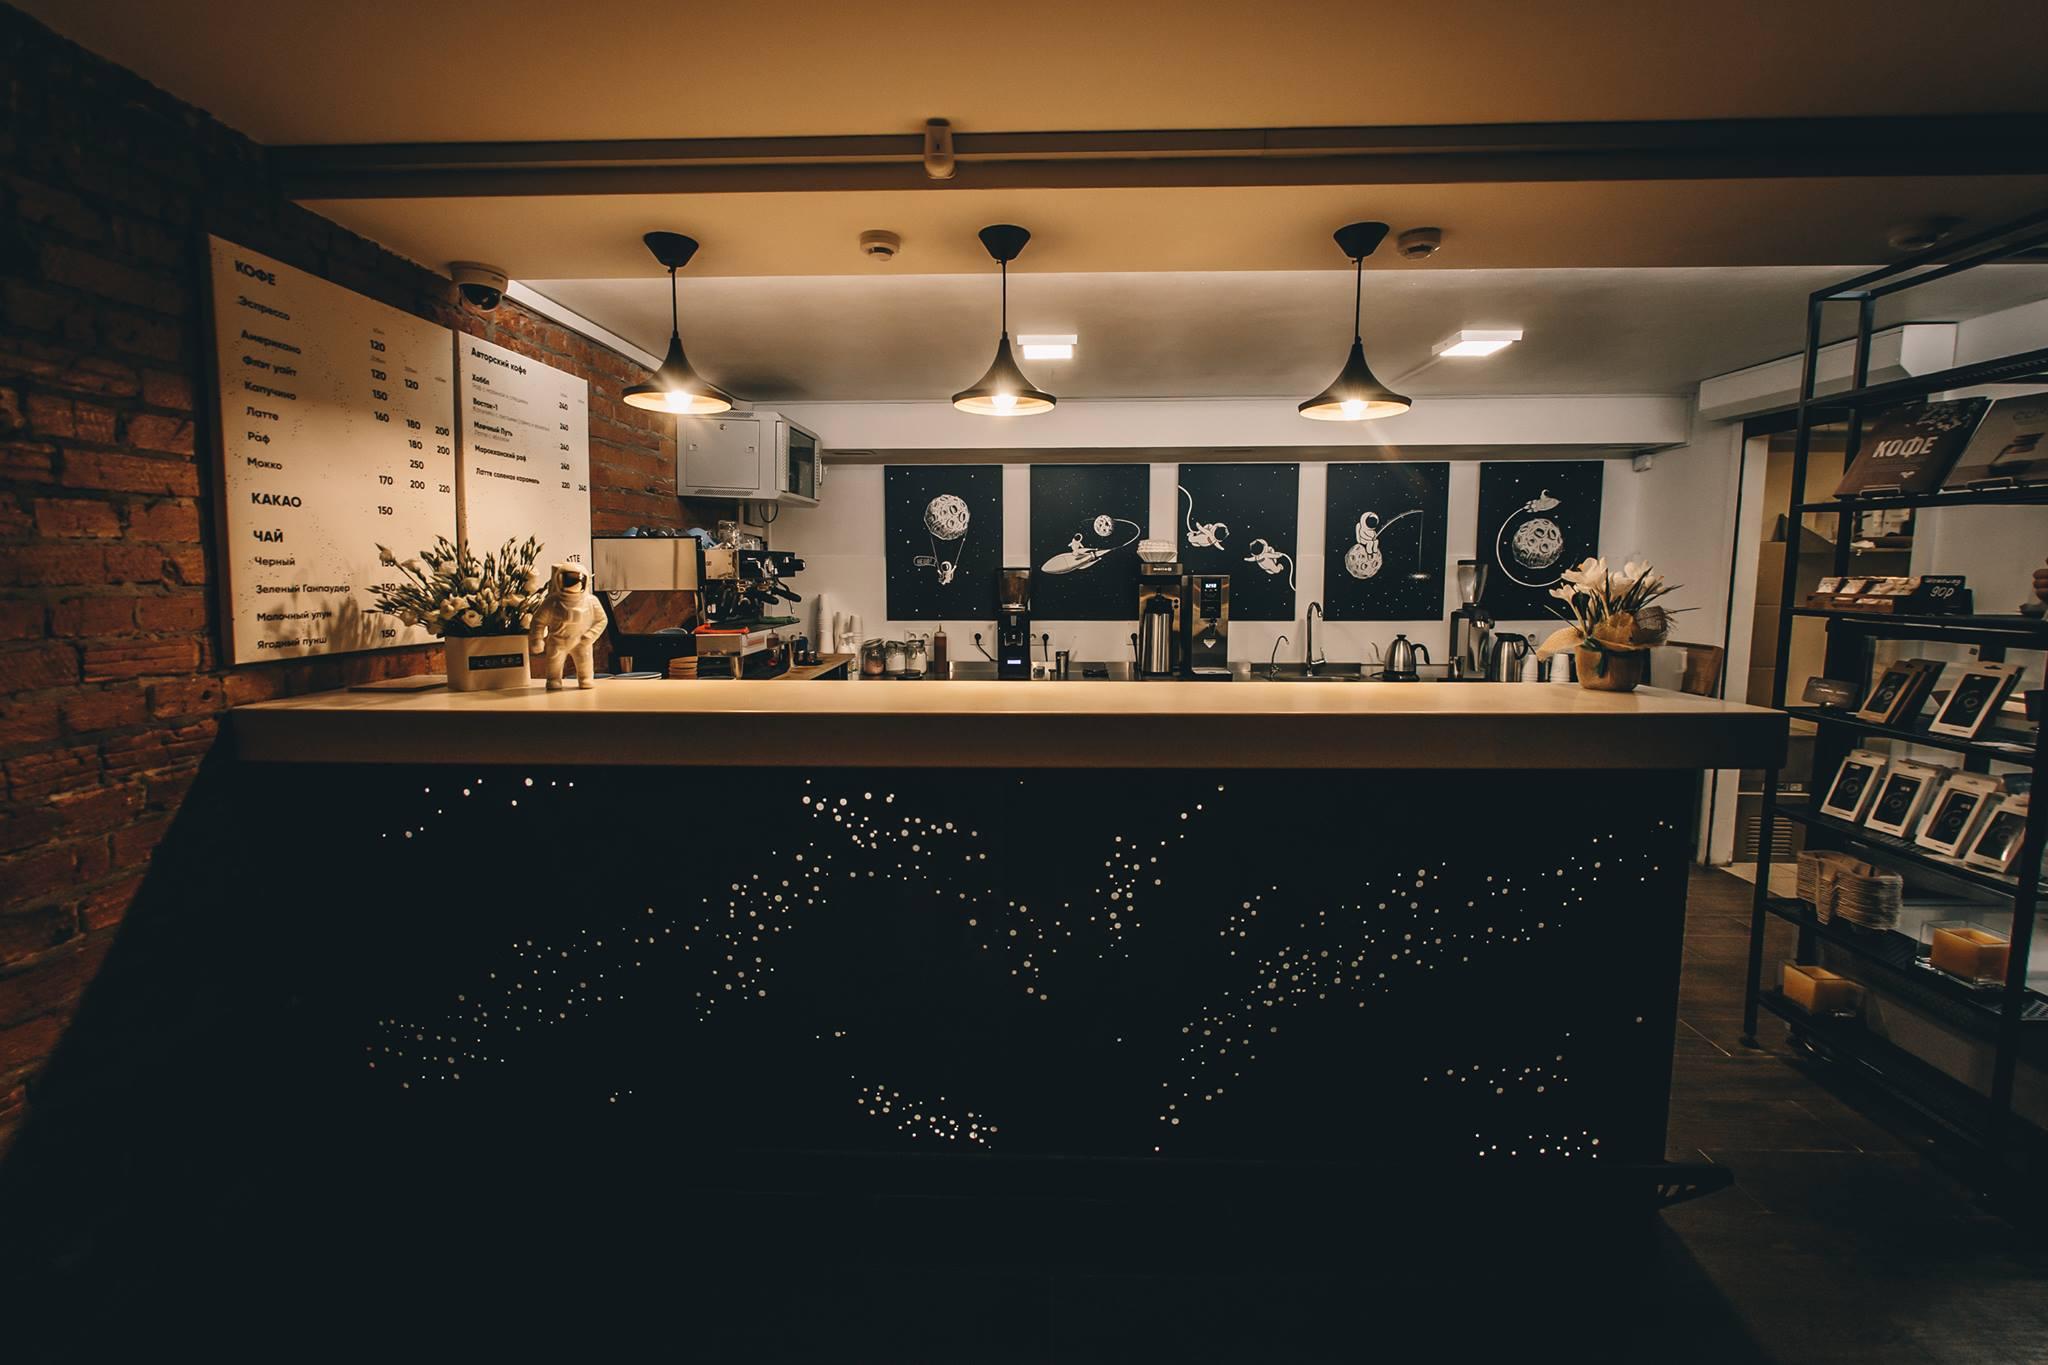 Кафе Cosmic latte